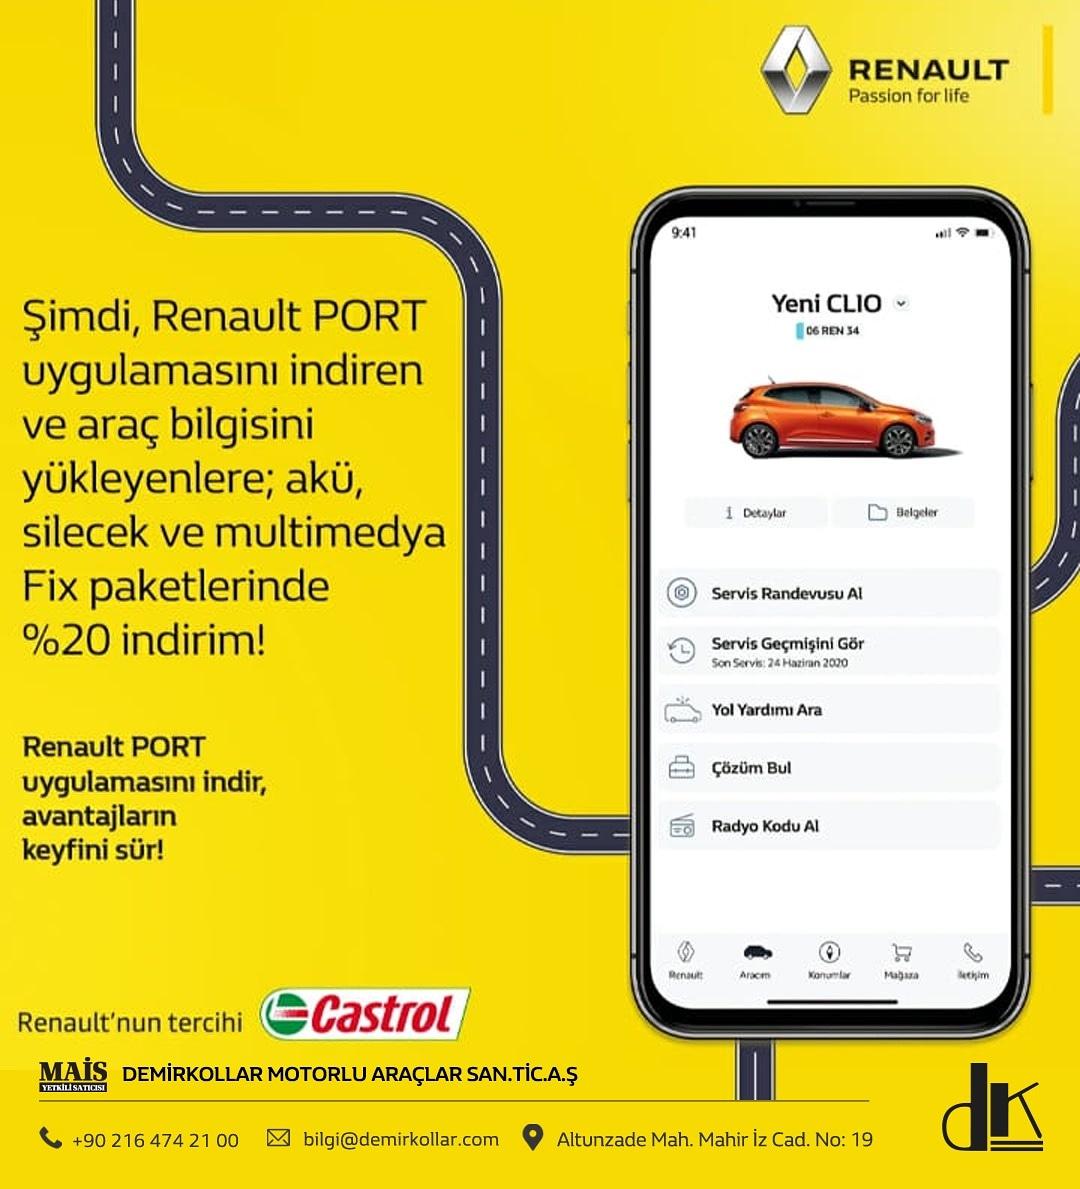 Renault PORT uygulamasını indir, avantajların keyfini sür!  #demirkollar#demirkollaryetkiliservis#kampanya#fırsat#renault#scooter#araç#araba#otomobil#otomotiv#satış#sigorta#aksesuar#health#corona#korona#coronavirus#stayathome#Evdekal#socialdistance